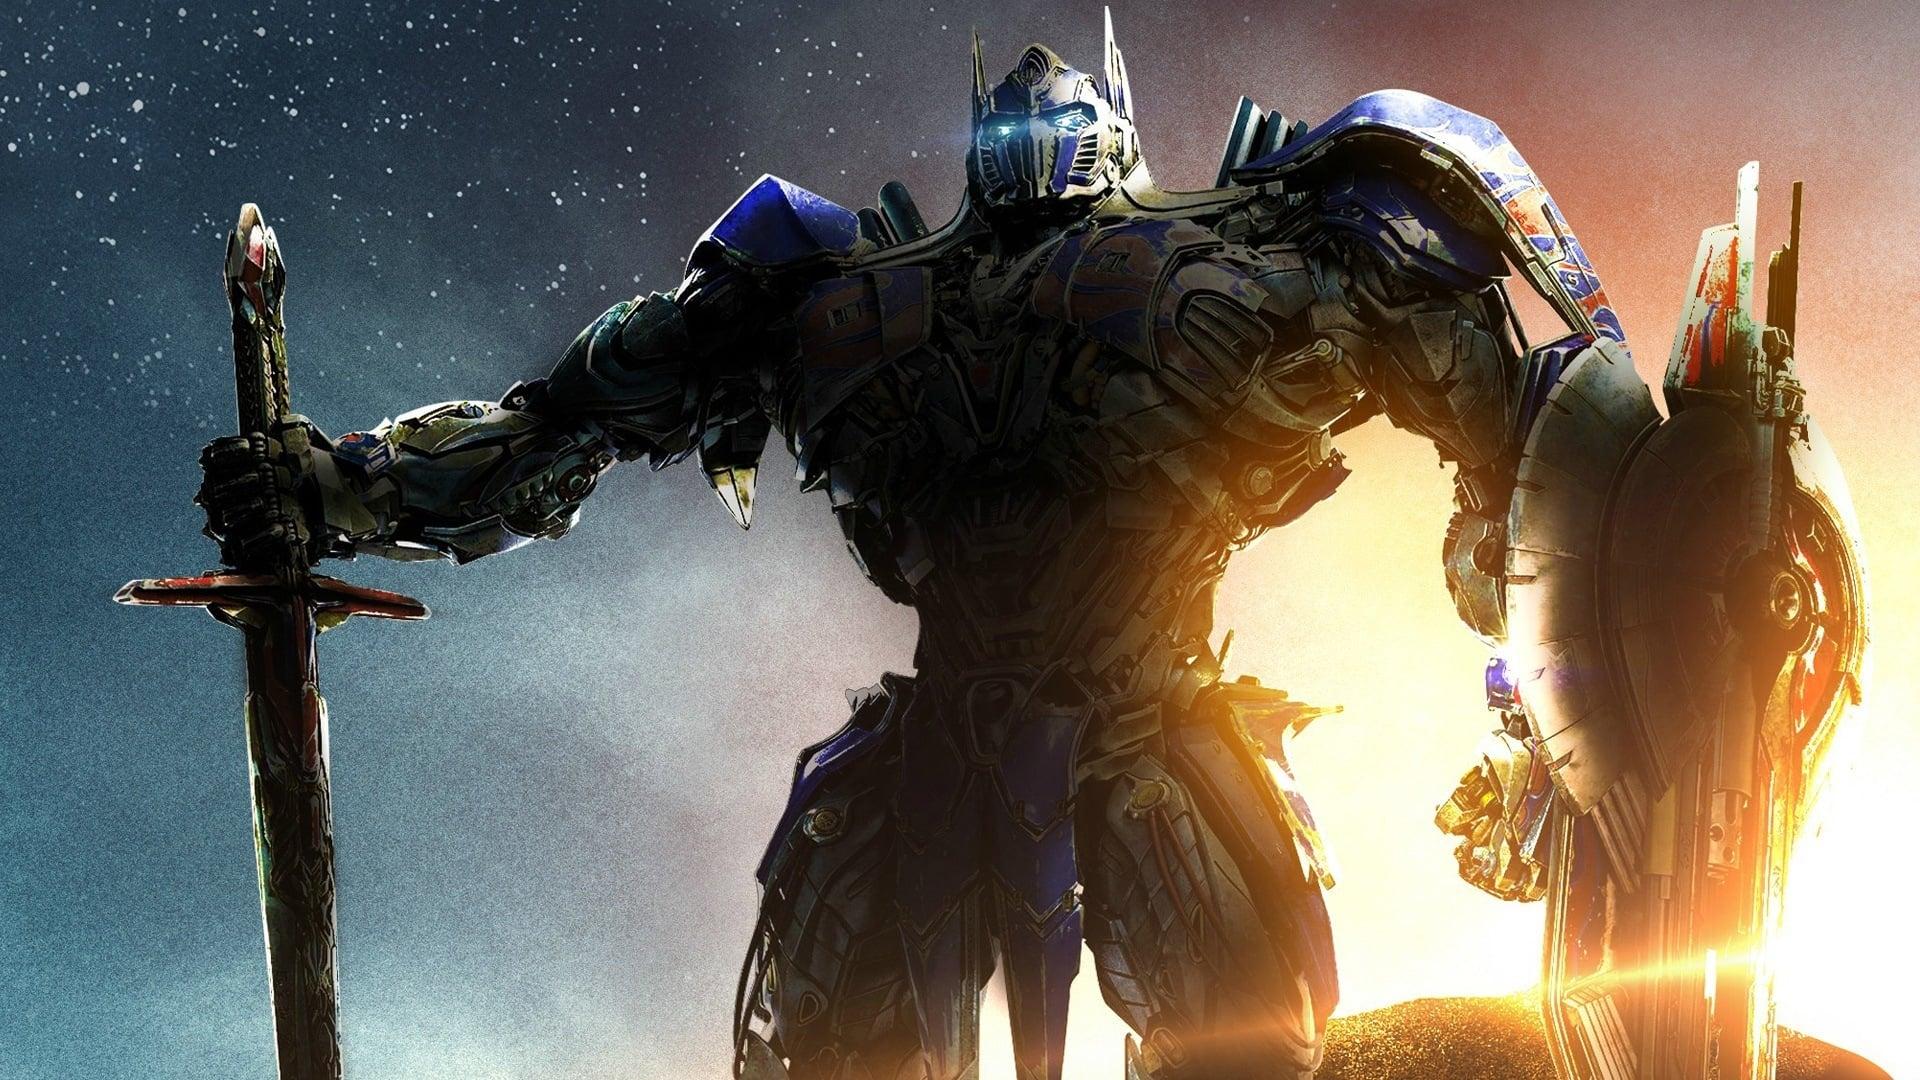 Transformers Filme Stream